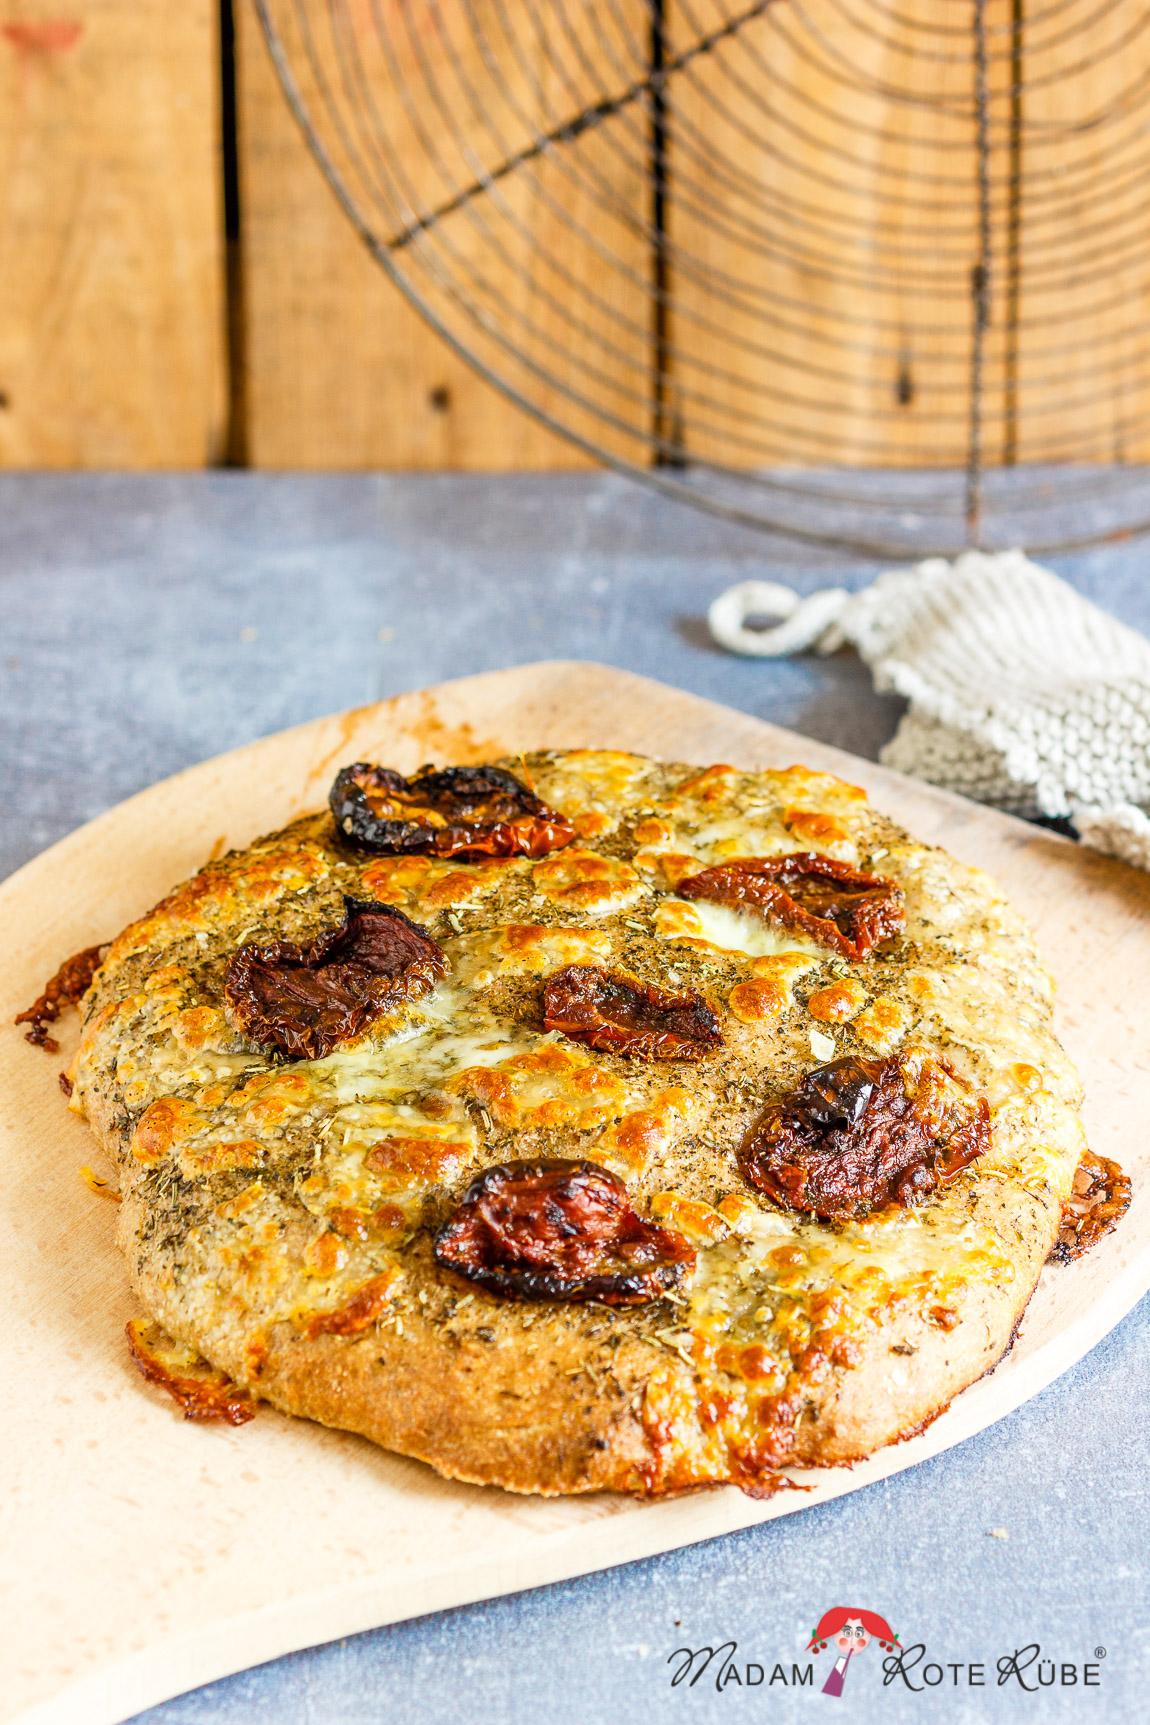 Madam Rote Rübe - Handgemachte Weizenfocaccia mit getrockneten Tomaten und Mozzarella